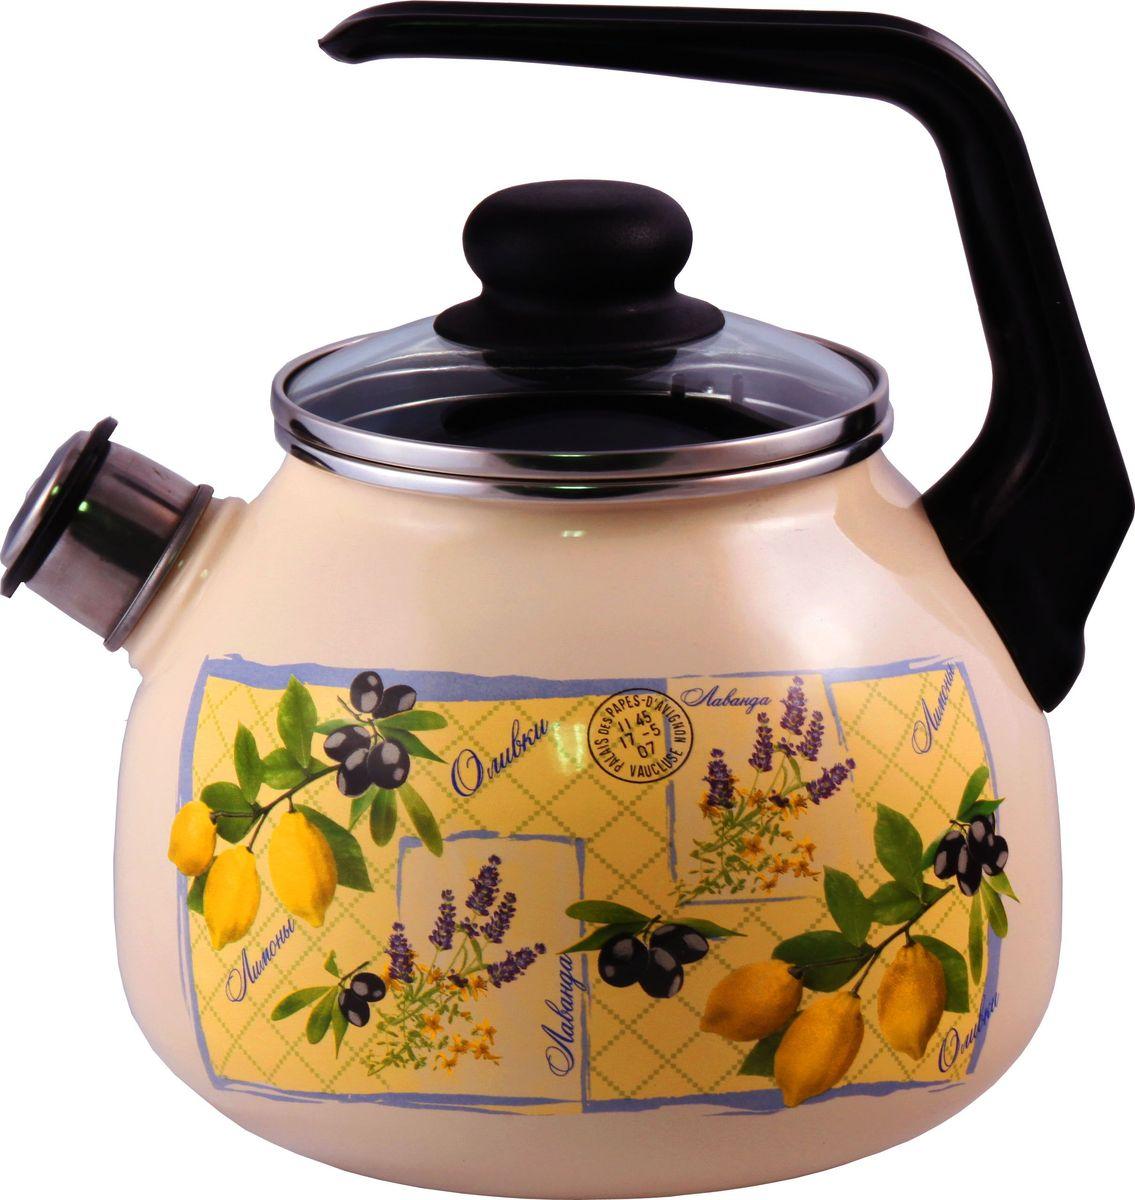 Чайник Appetite Citrus, со свистком, 3 л. 4с209я